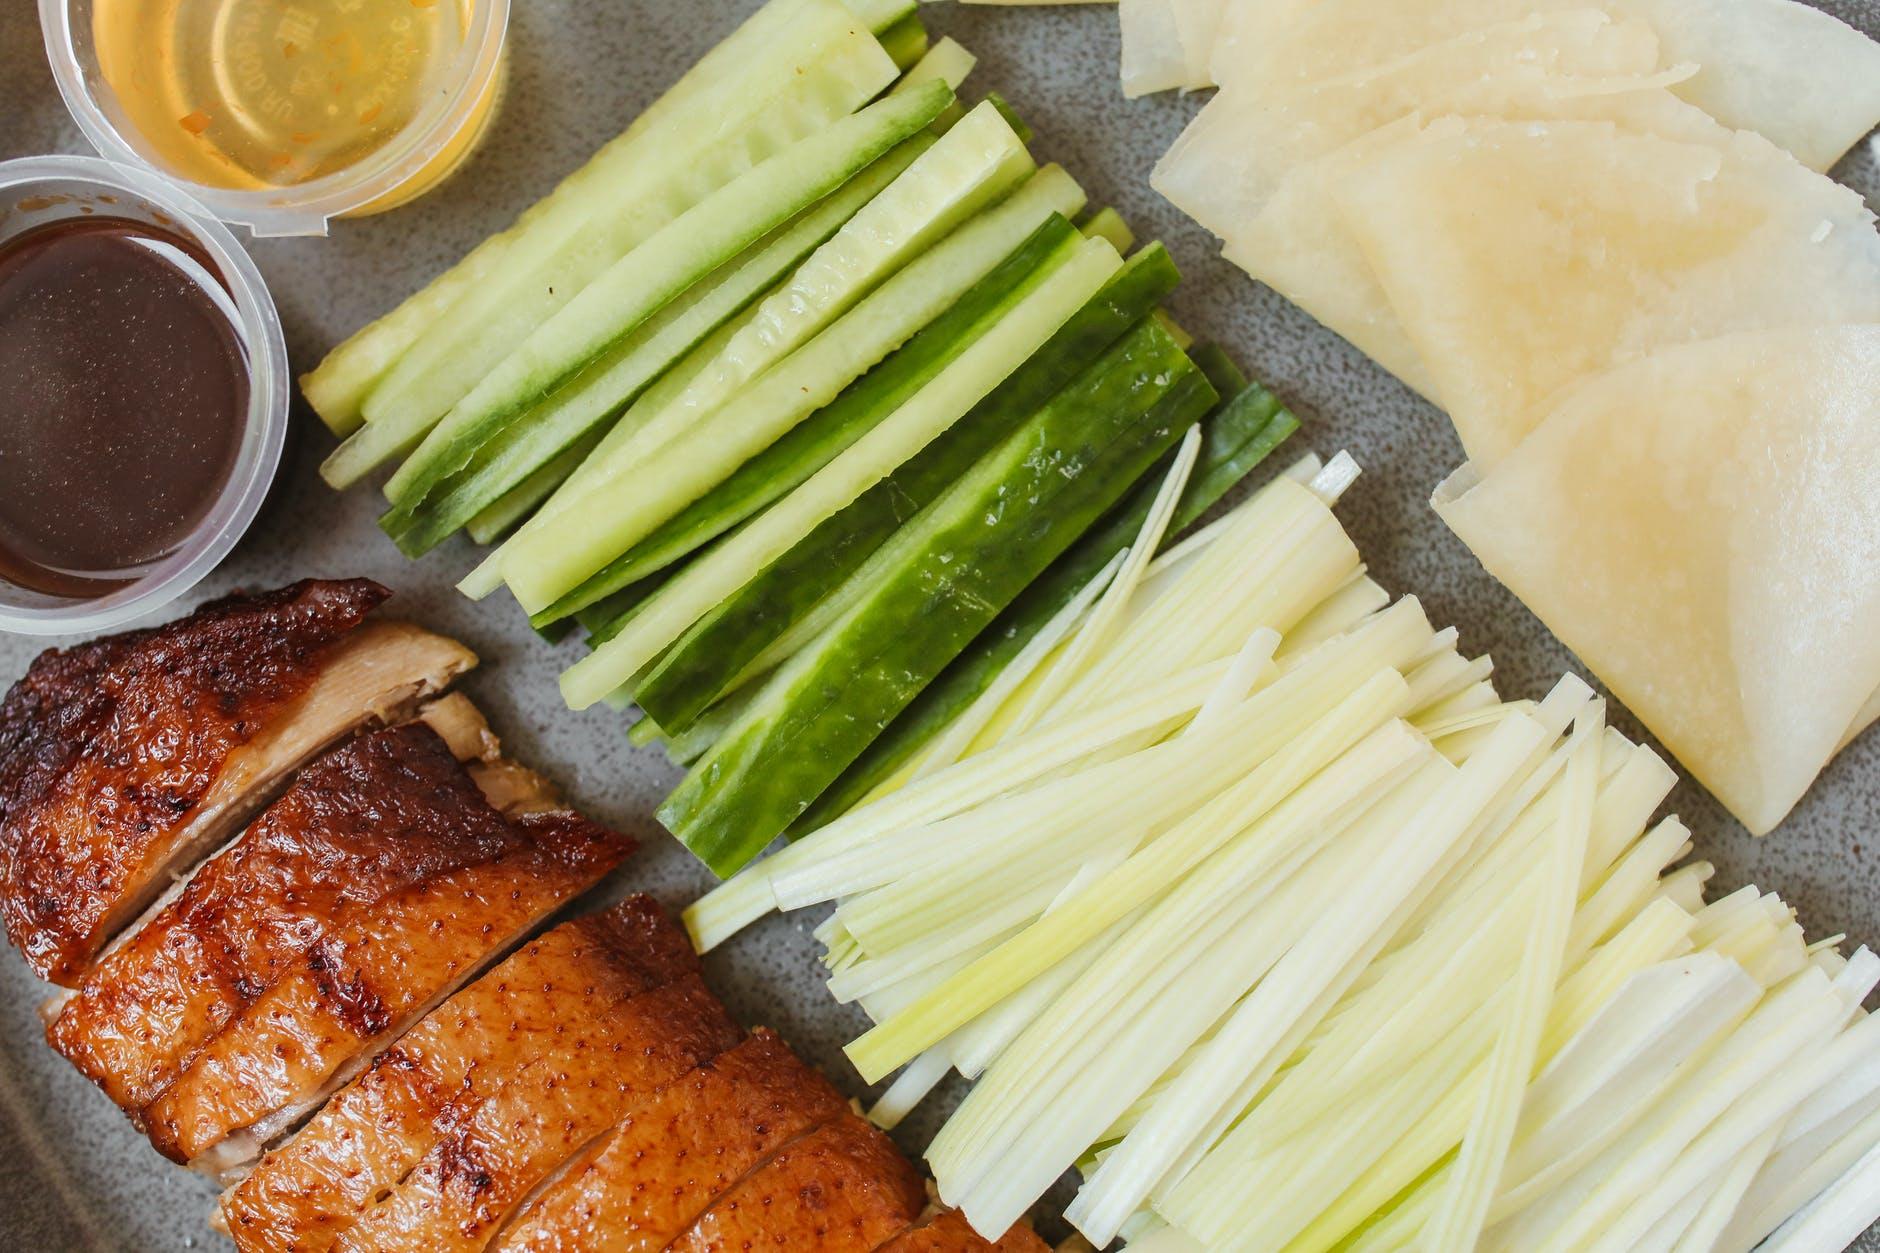 【越南平陽美食】台菜吉祥餐廳家鄉味薑母鴨、滋補羊肉爐、香噴噴麻油麵線還有隱藏超級料理!